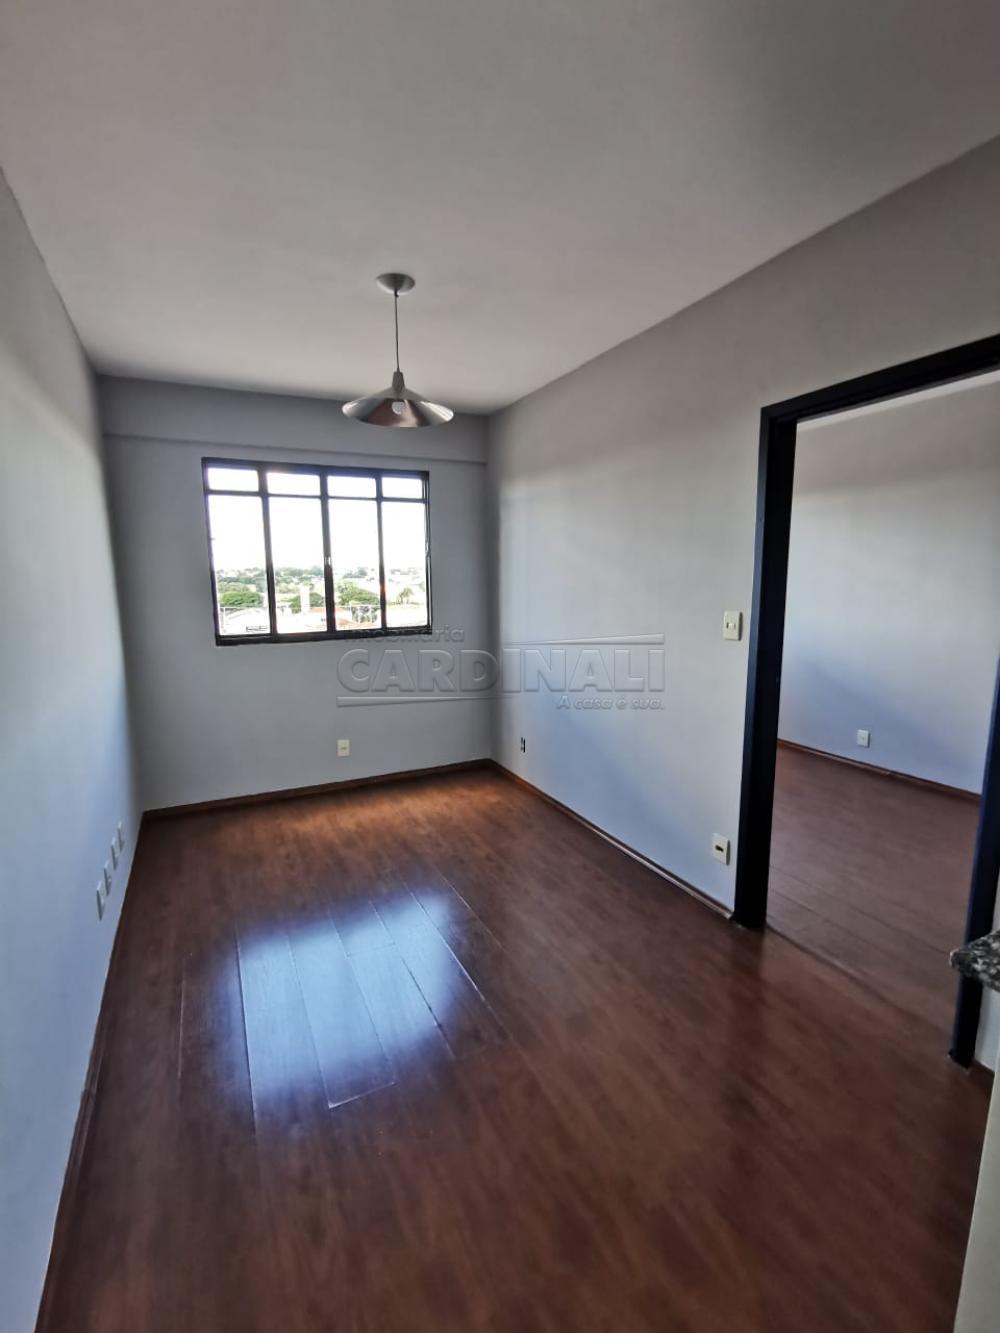 Alugar Apartamento / Padrão em Araraquara R$ 700,00 - Foto 9